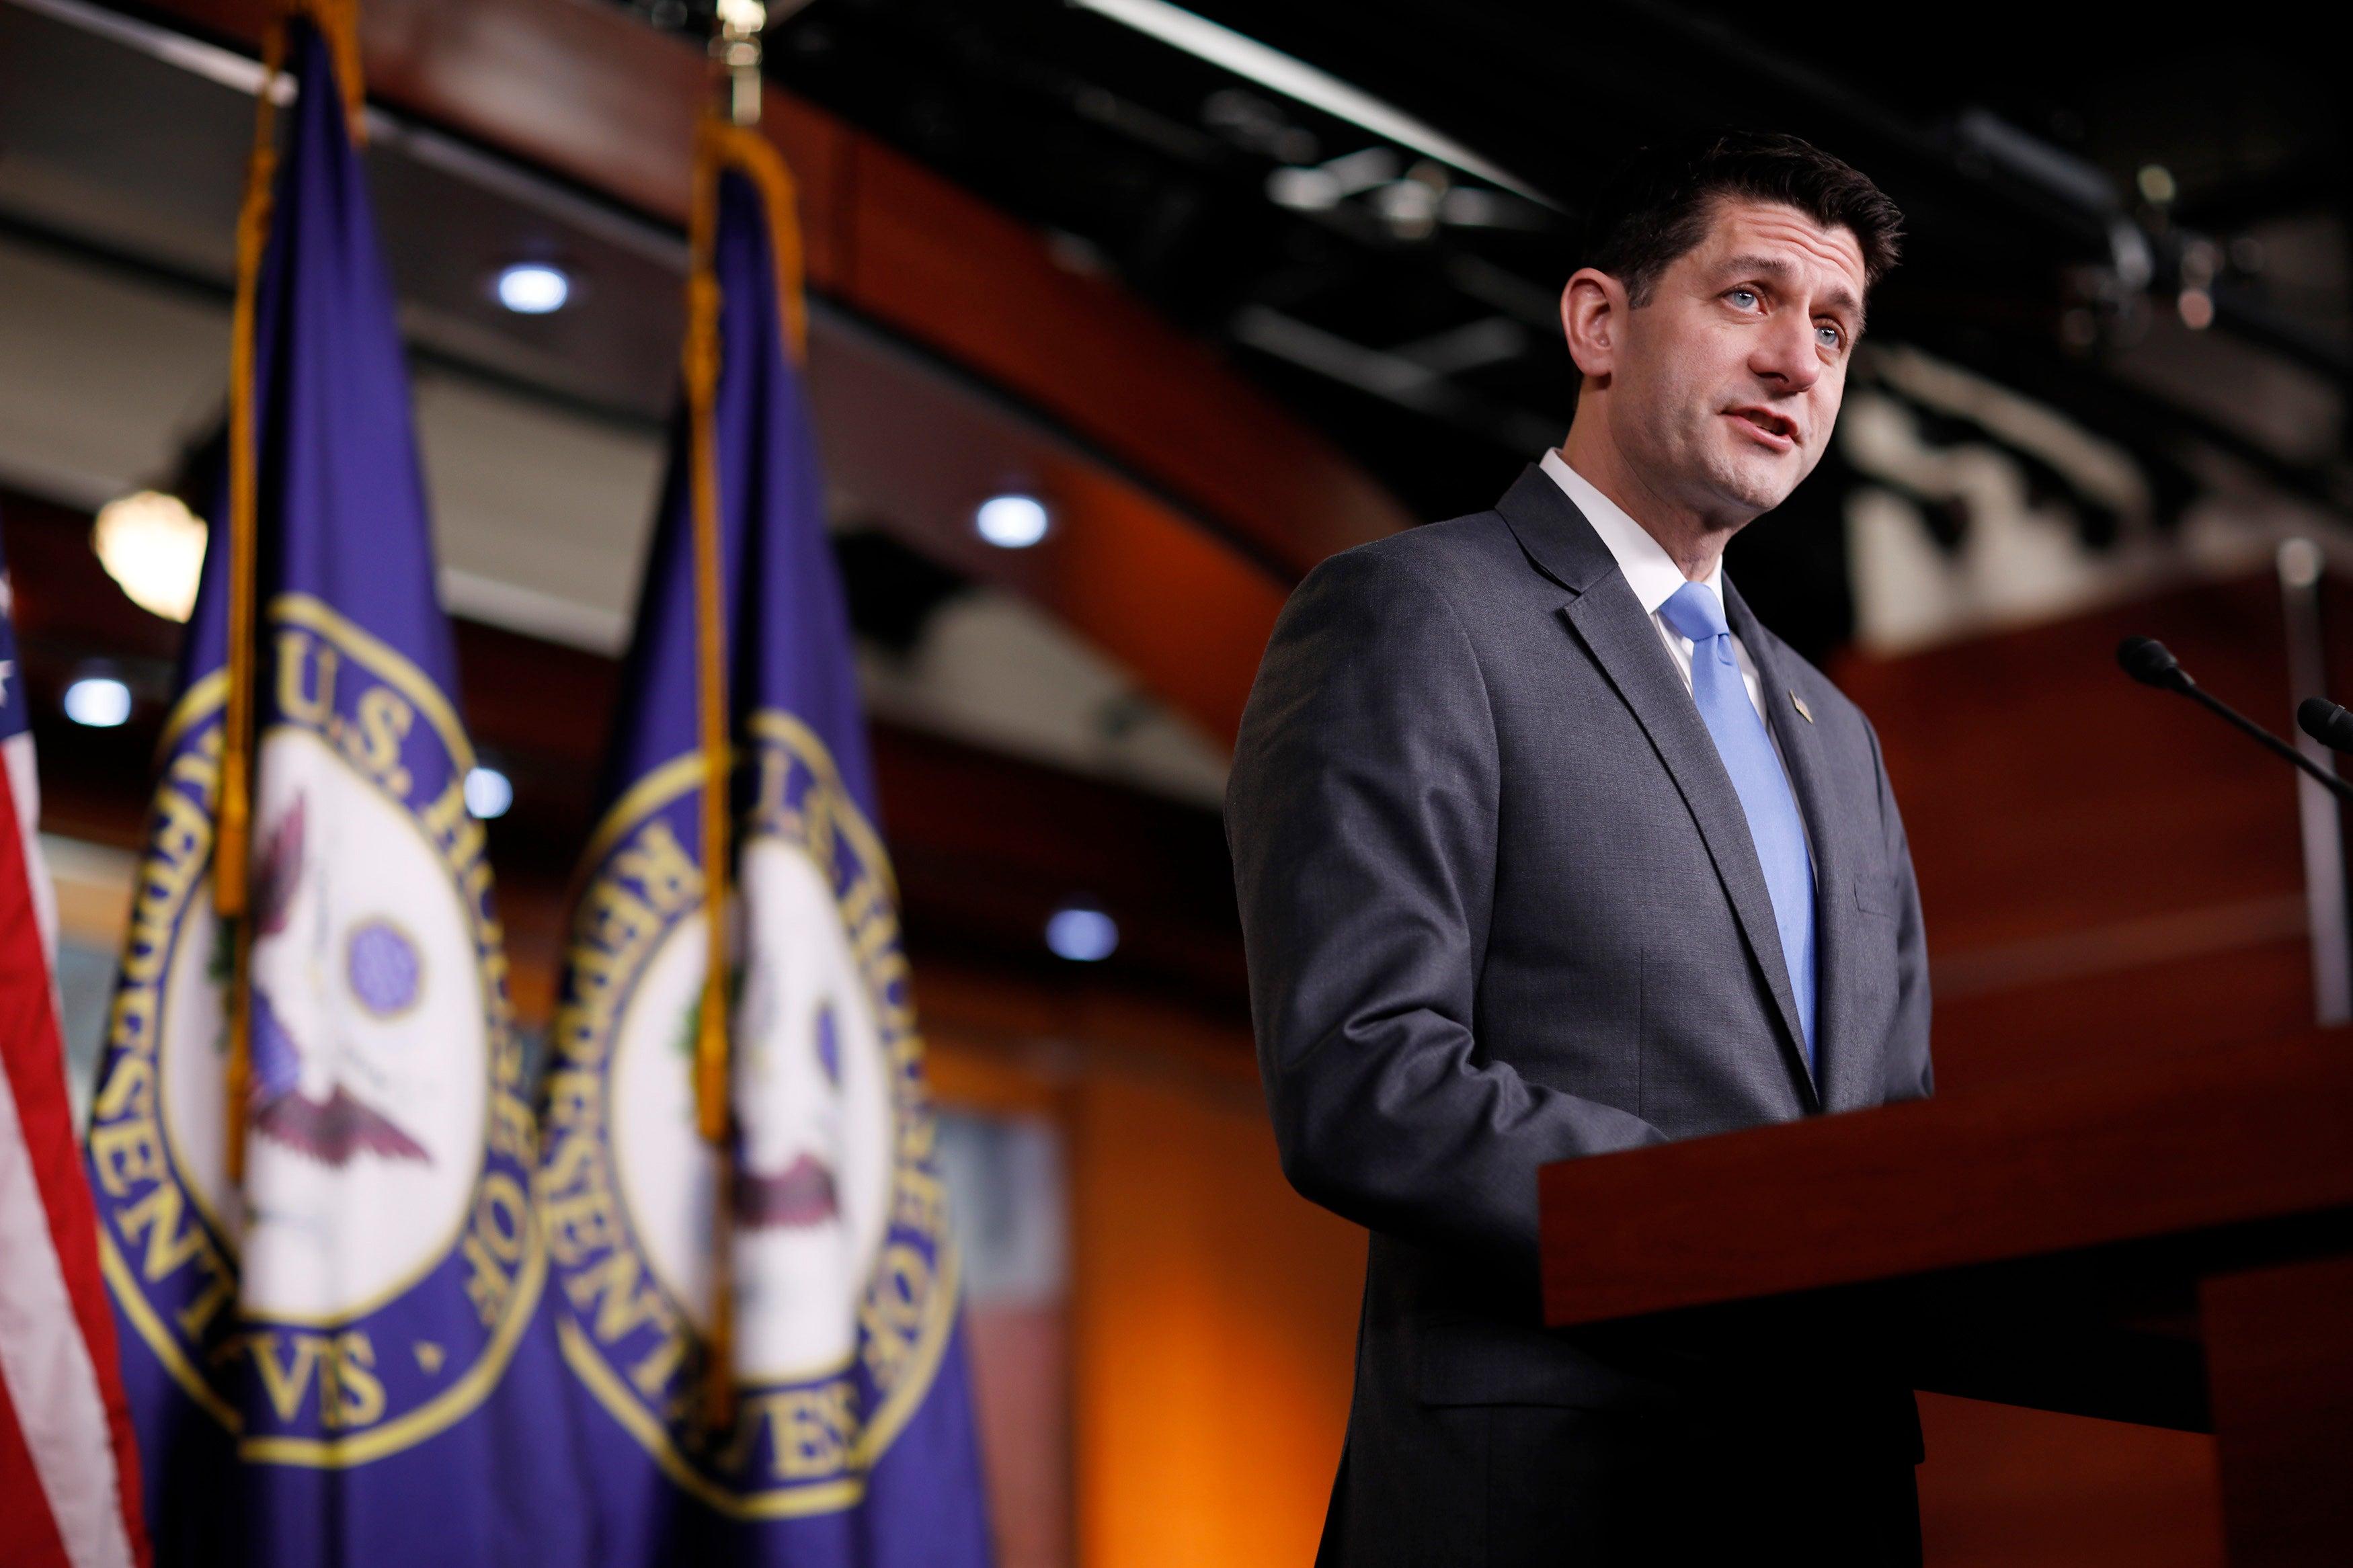 Paul Ryan não tentará reeleição na Câmara Baixa dos EUA